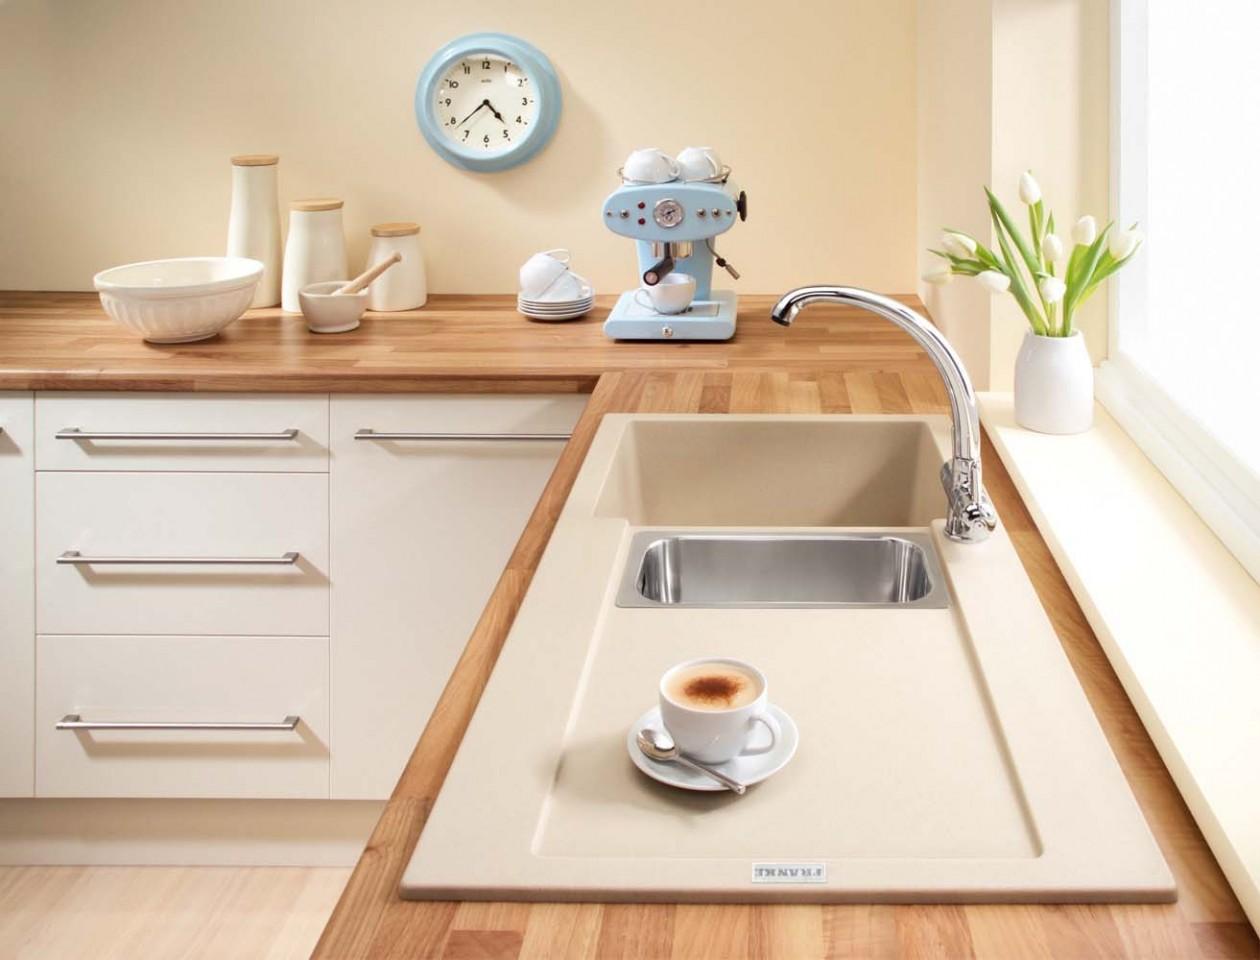 Franke Kitchen Sinks & Taps - SquareMelon SquareMelon